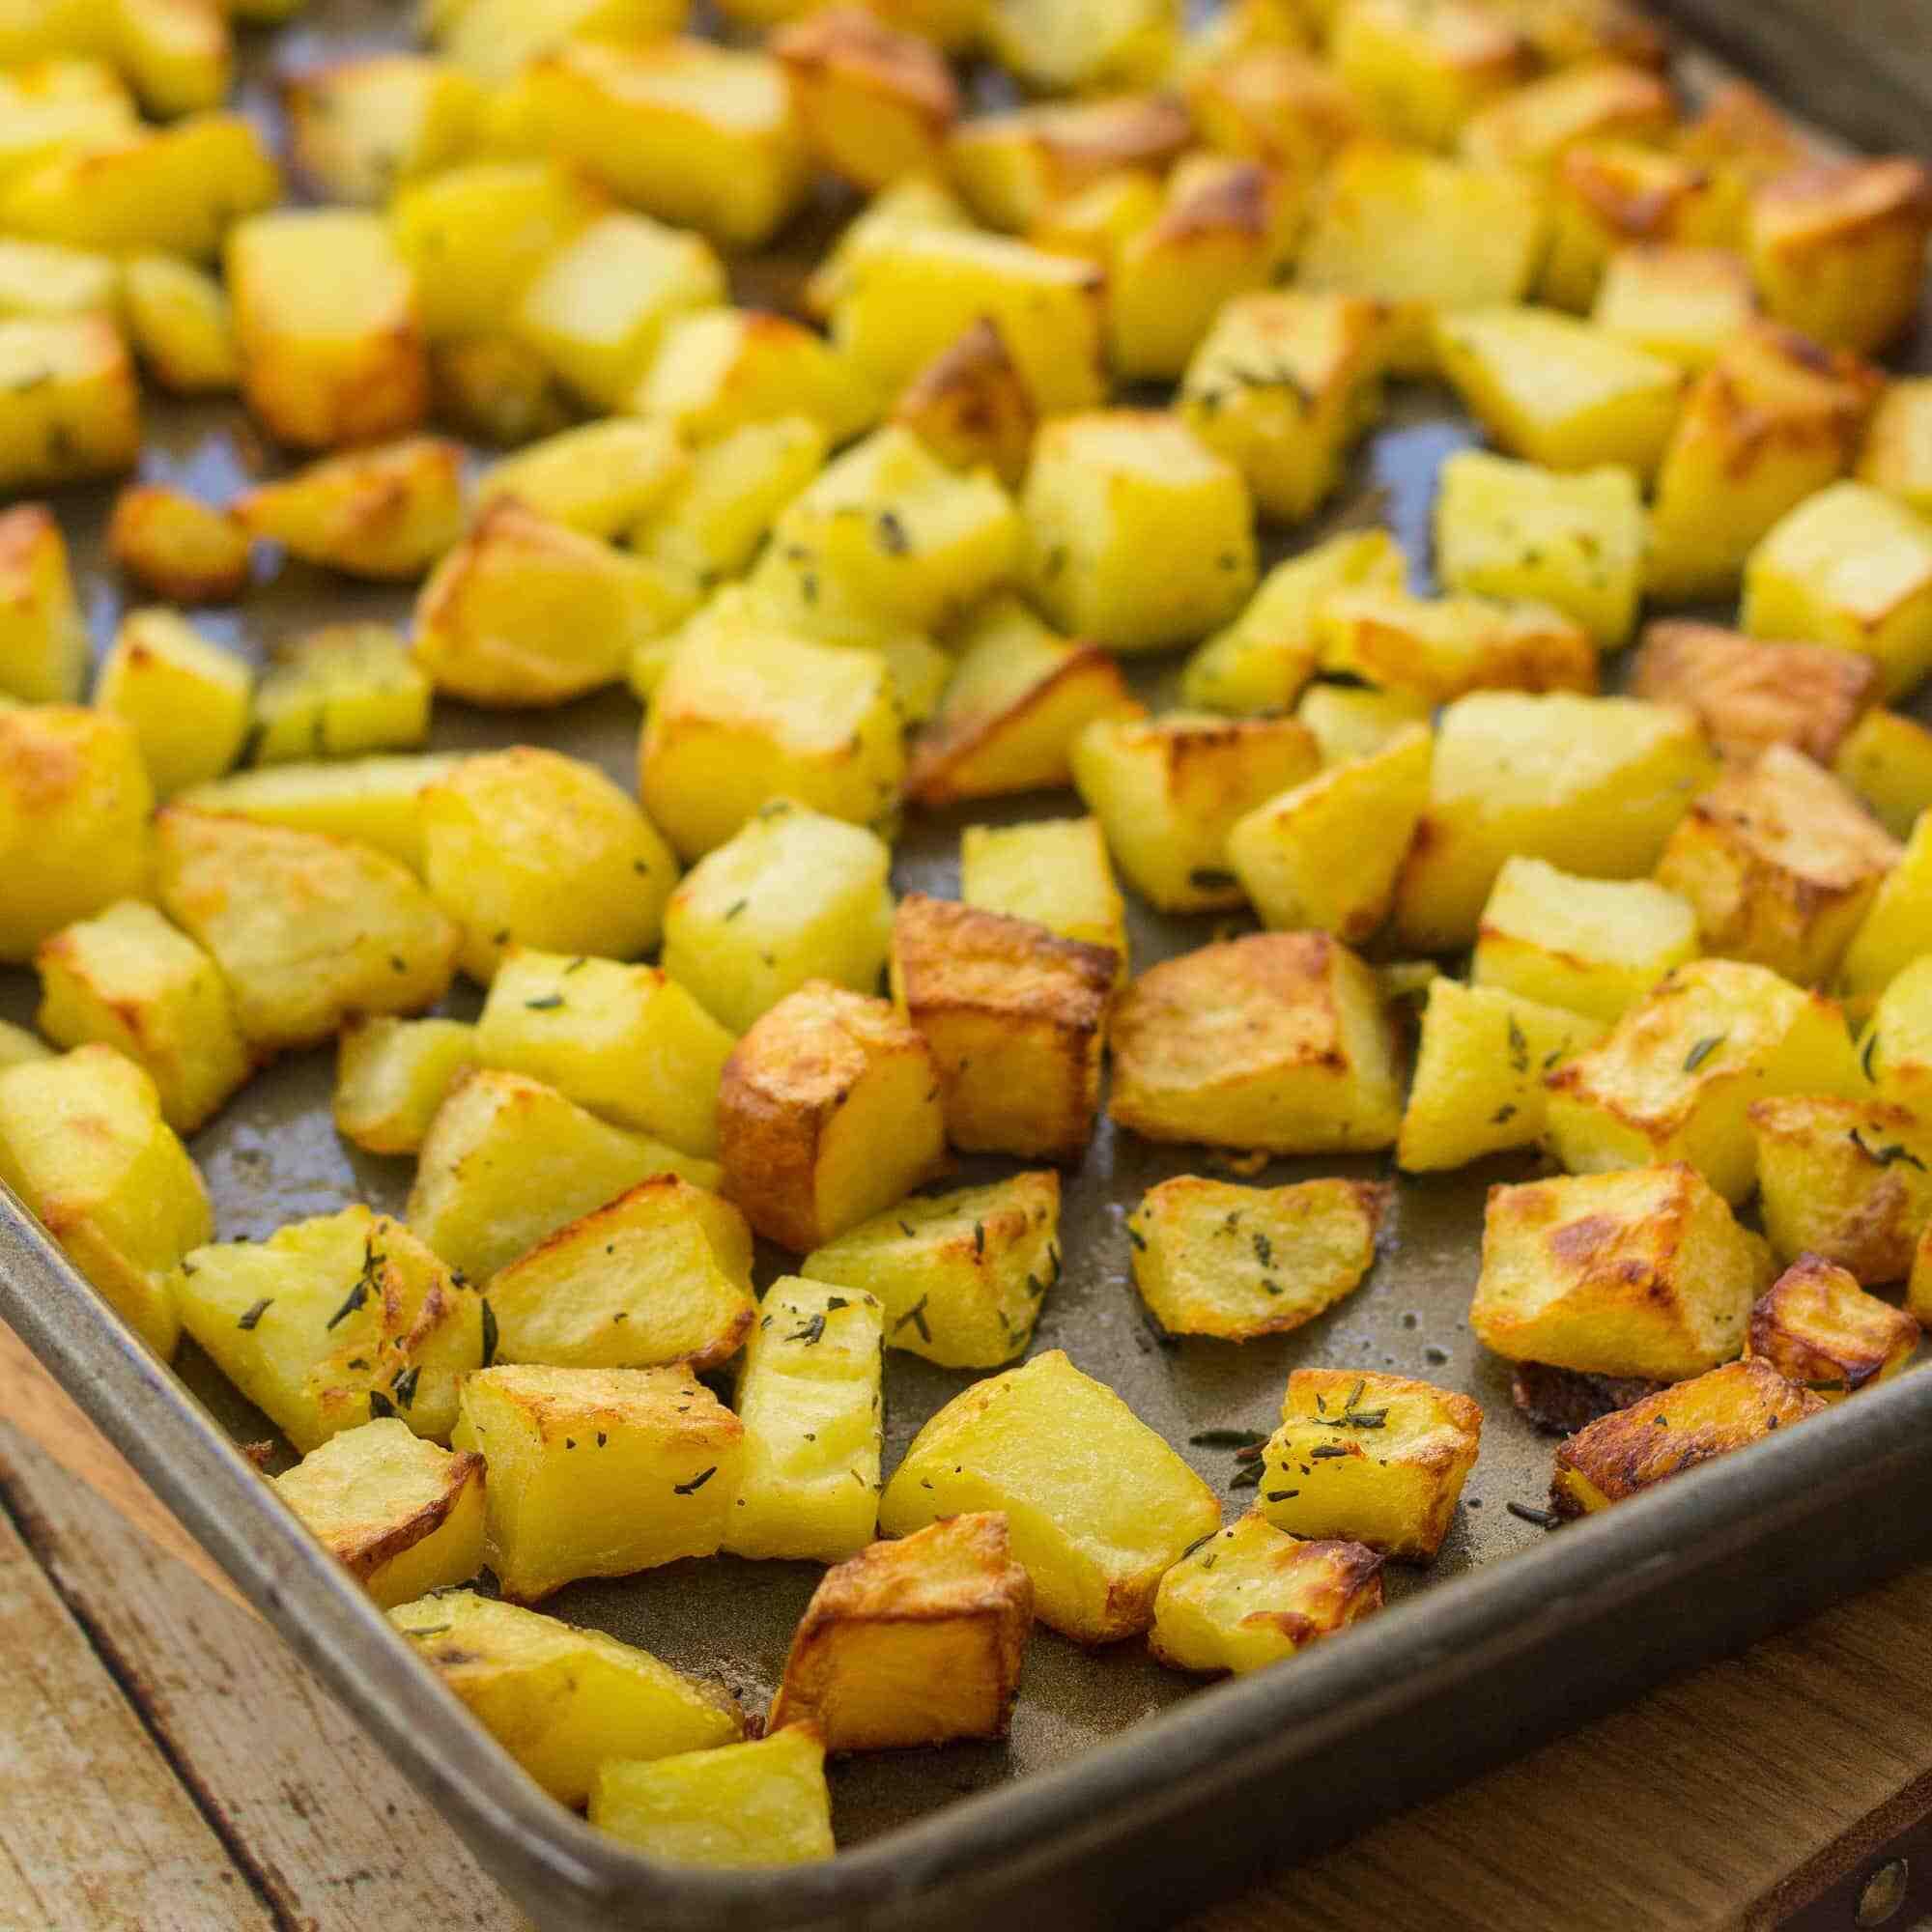 Comment faire cuire des pommes de terre en morceaux